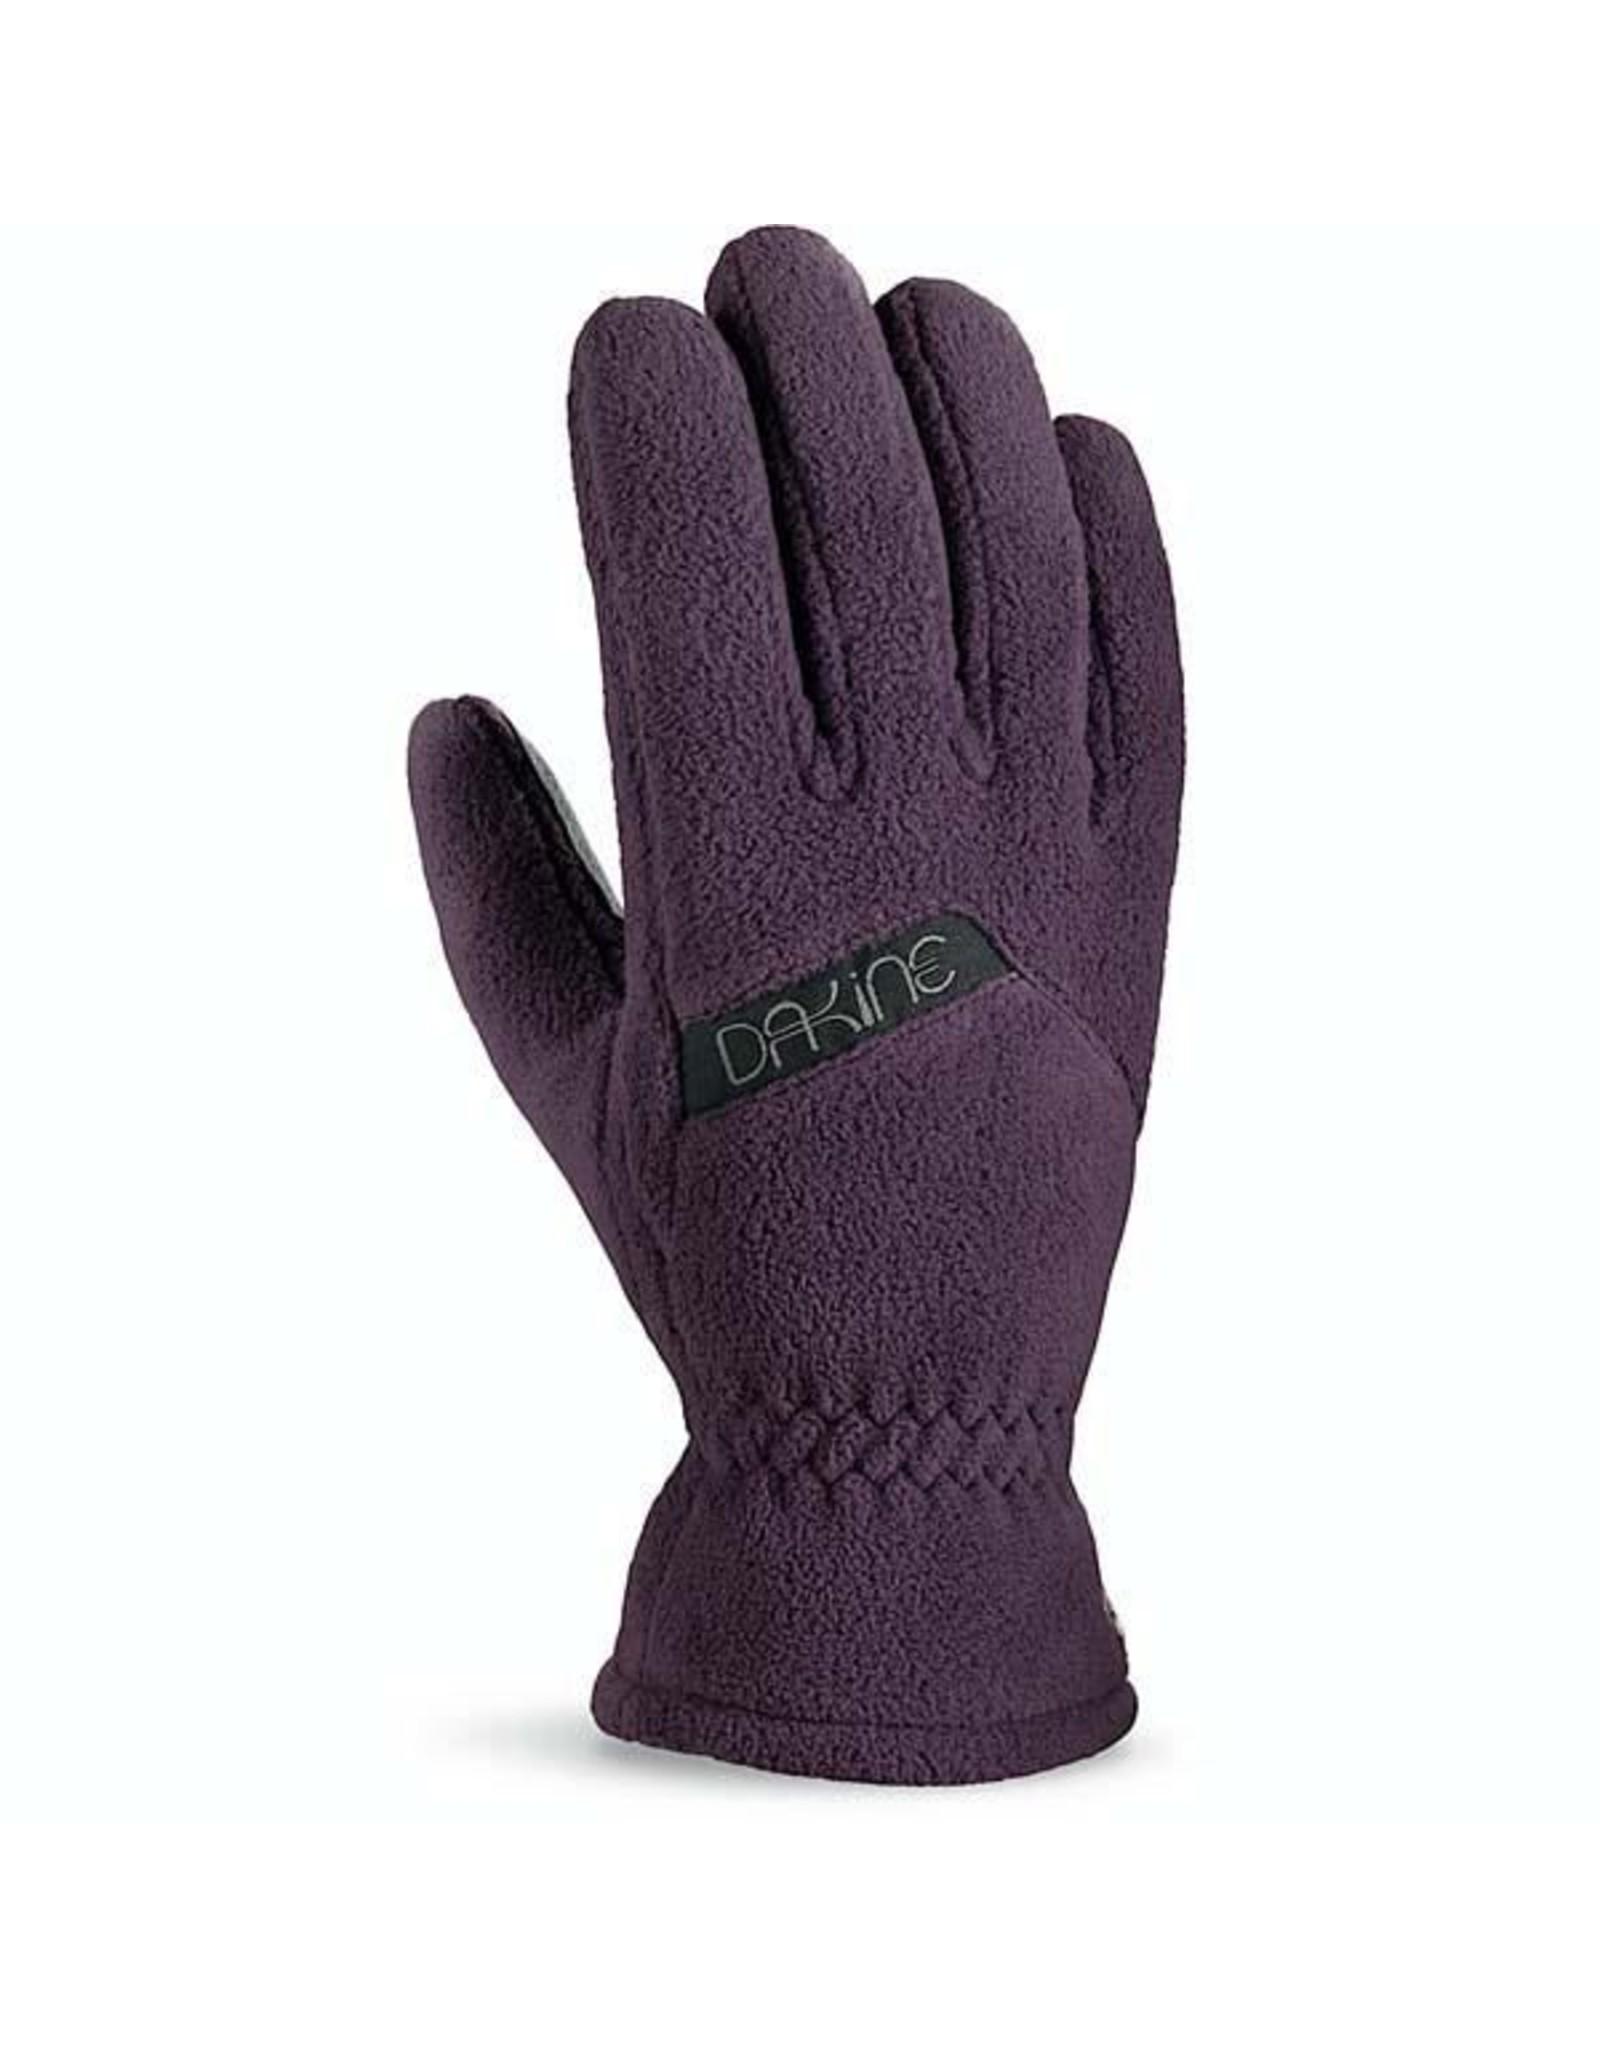 Dakine Dakine - Chevelle - M - Mulberry - Glove